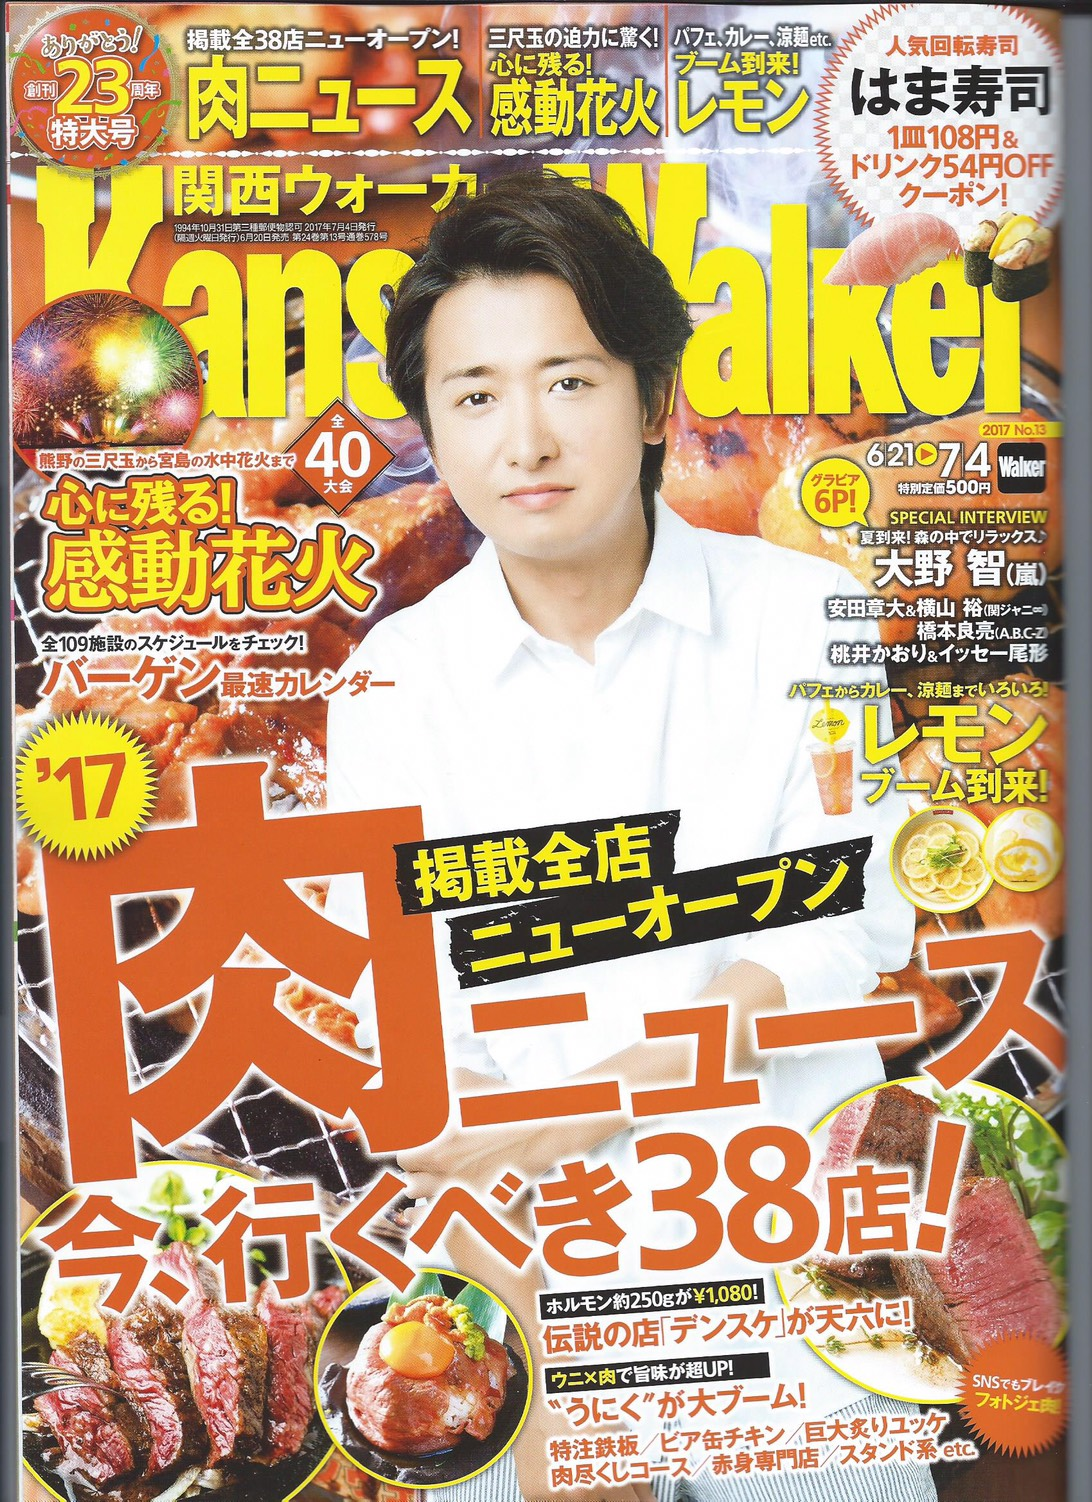 6/20(火)発売 【関西ウォーカー】